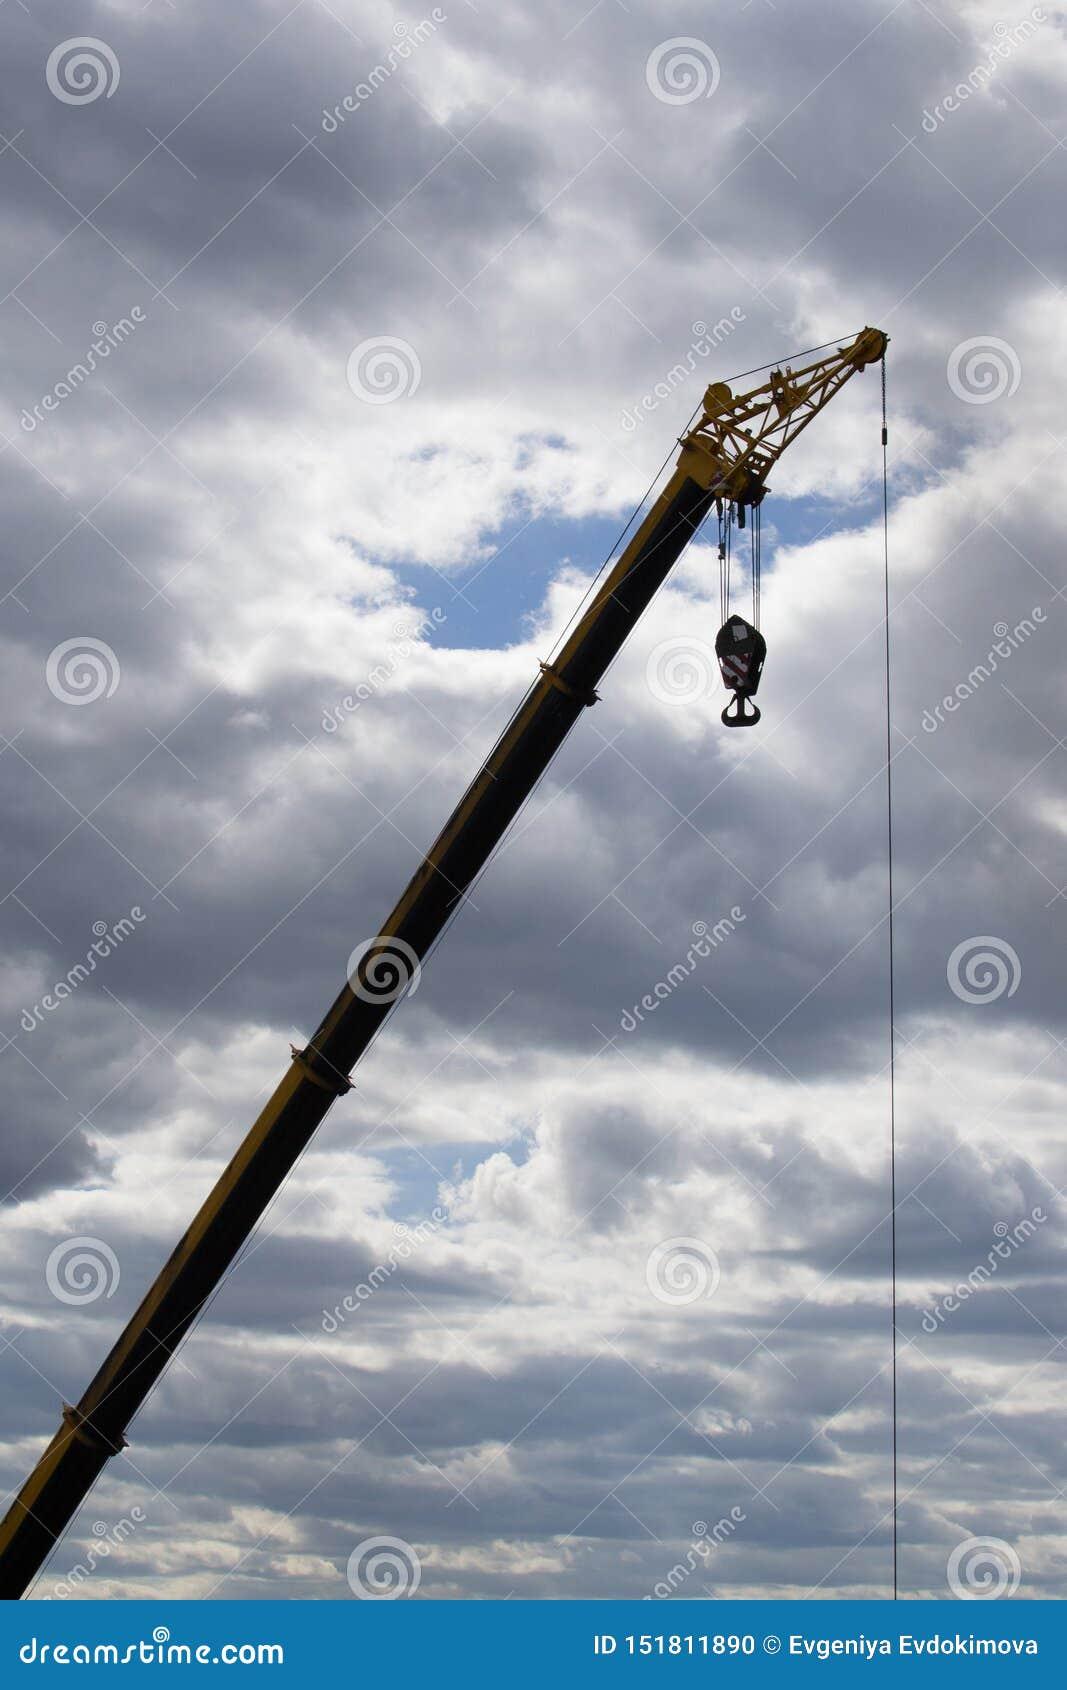 Levage de la grue à un chantier de construction contre un ciel nuageux